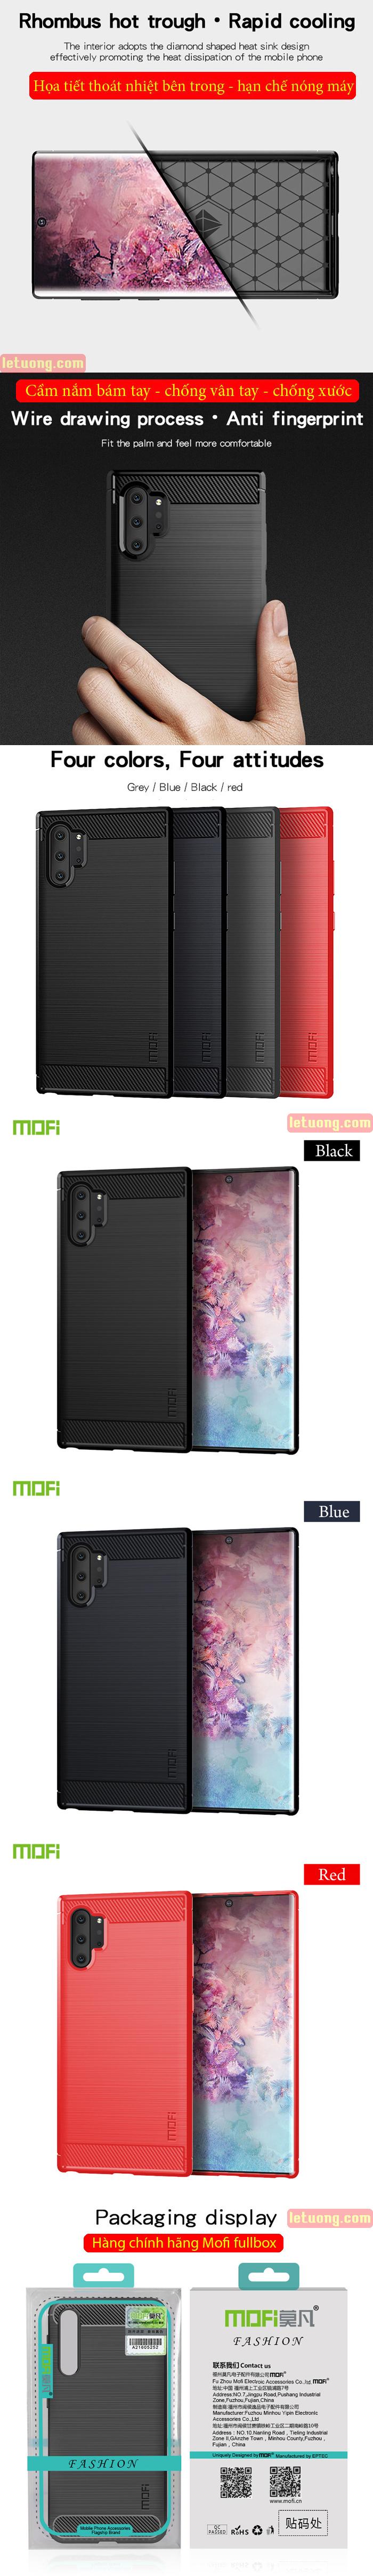 Ốp lưng Note 10 Plus Mofi Shen Du Carbon Fiber nhựa mềm - chống vân tay 7